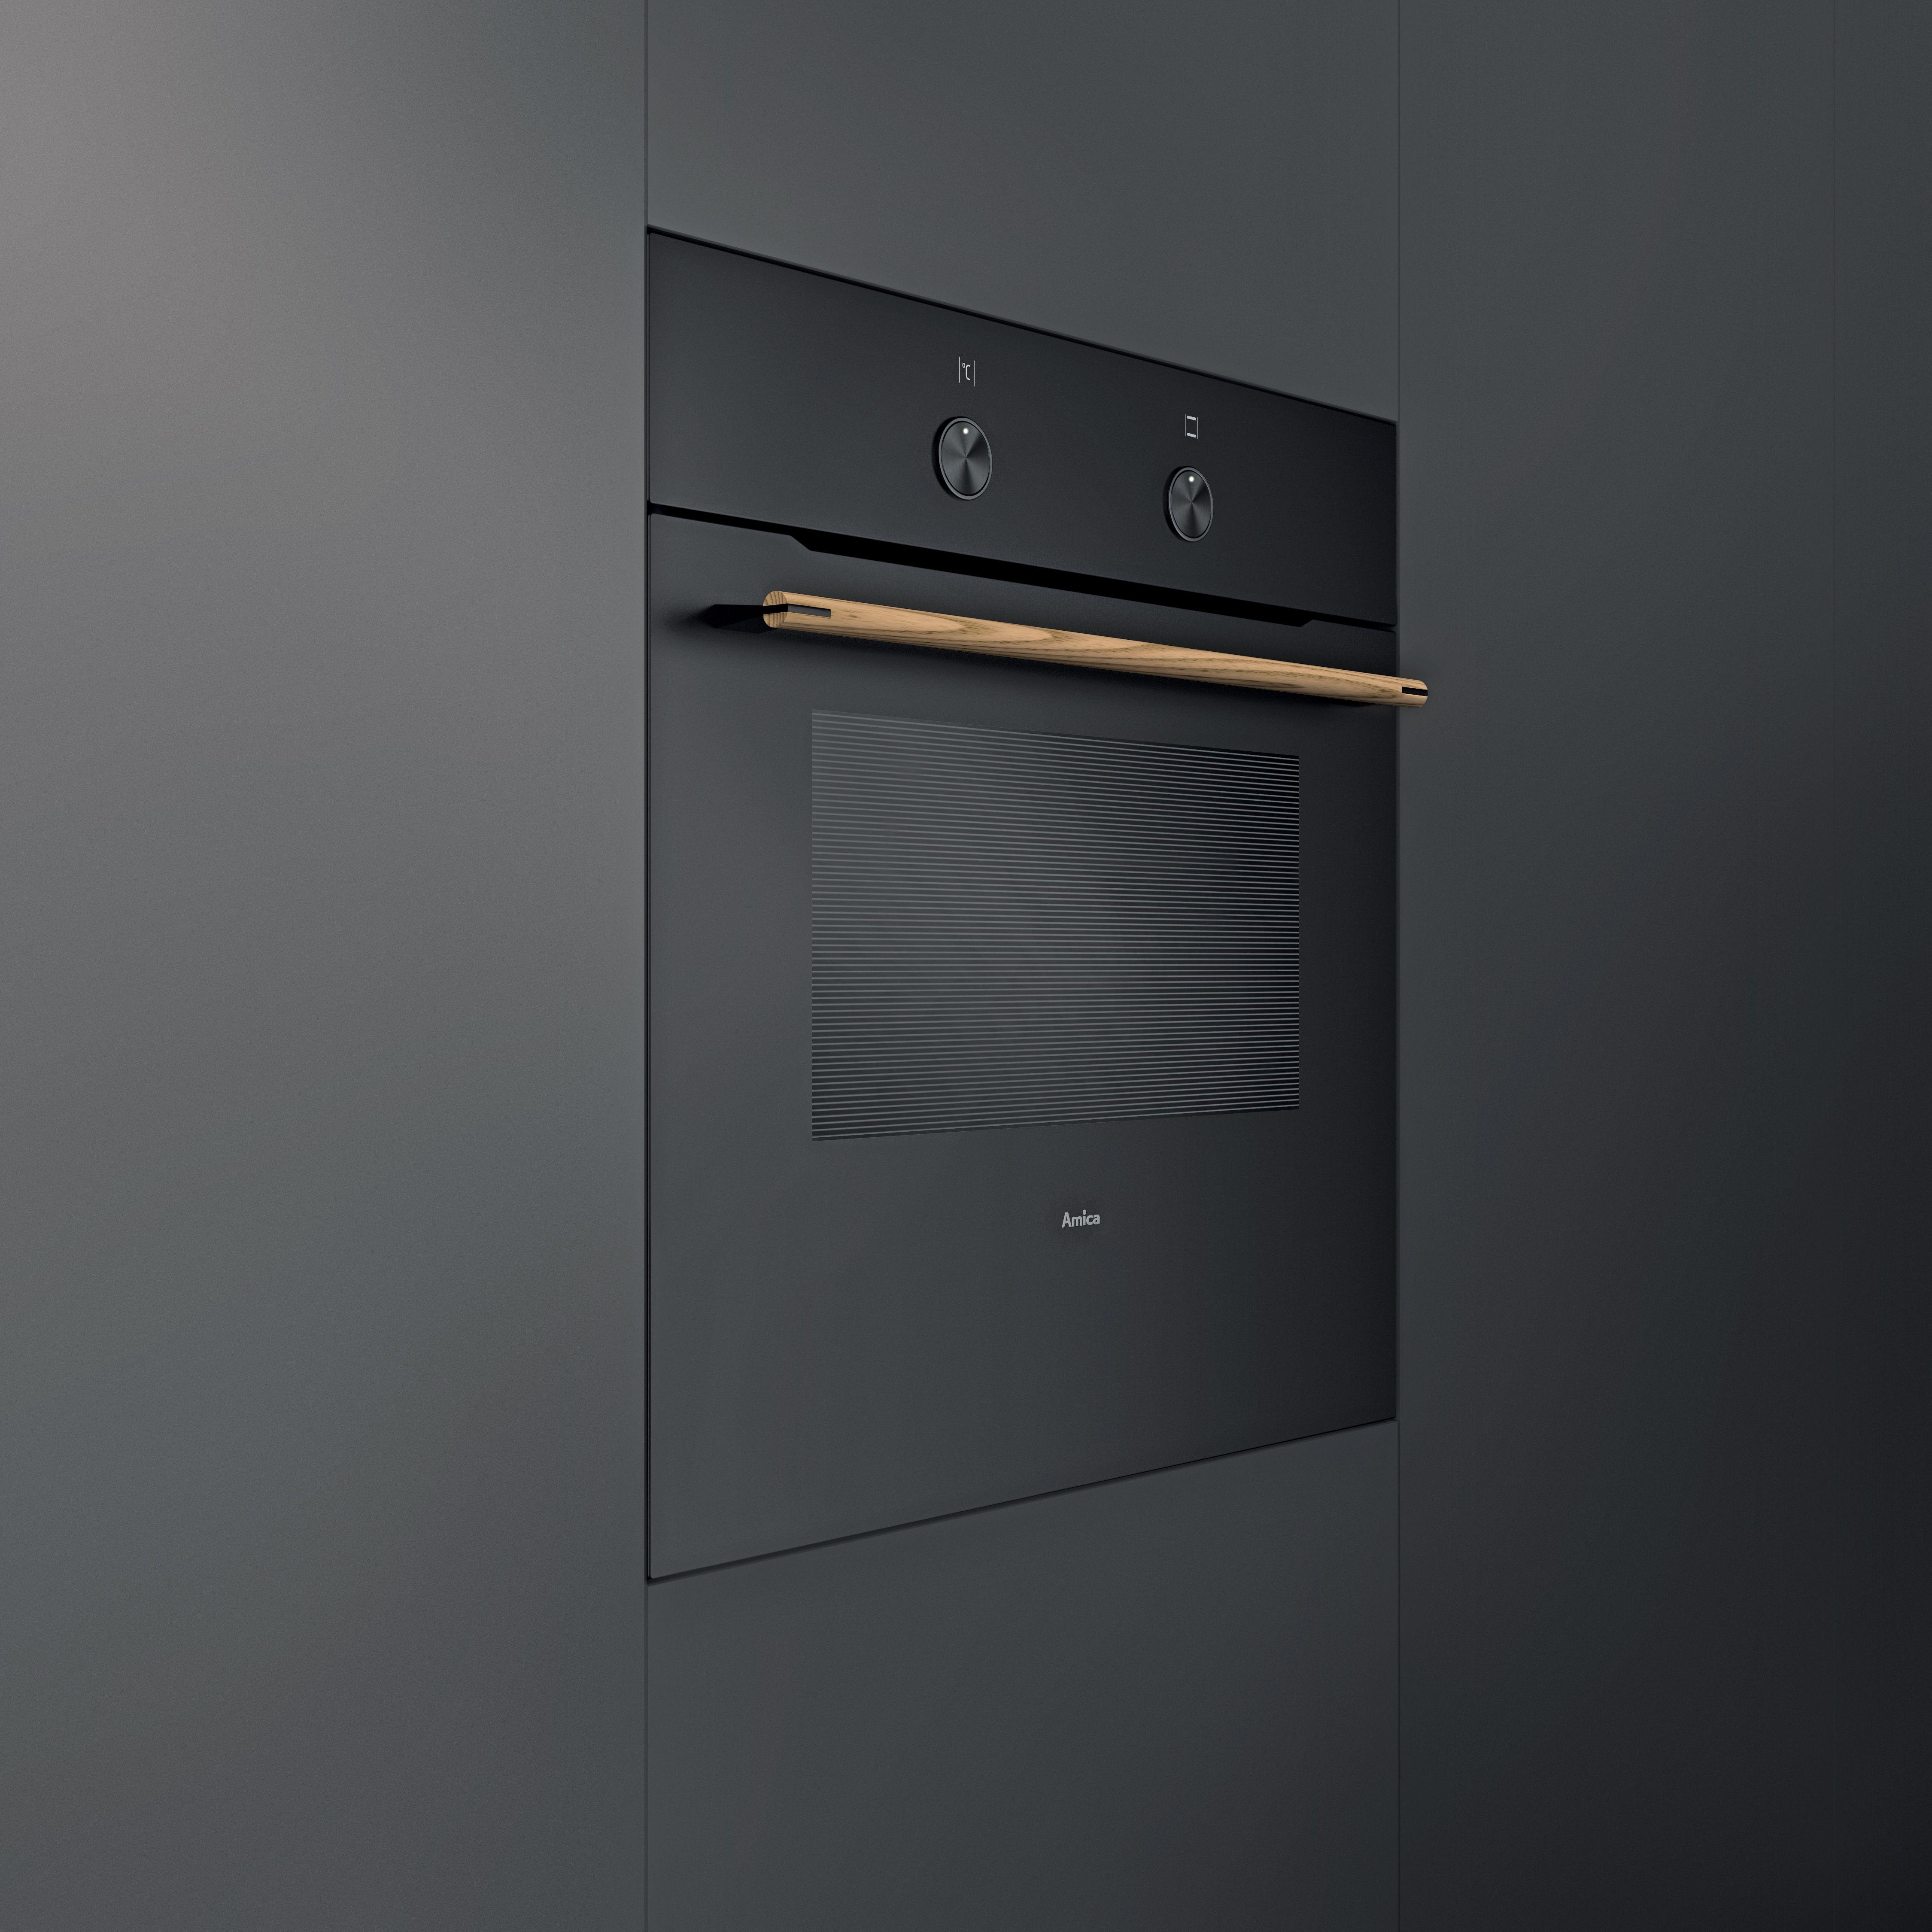 Pin By Jun Chen On Appliance Design Kitchen Design Cuisine Design